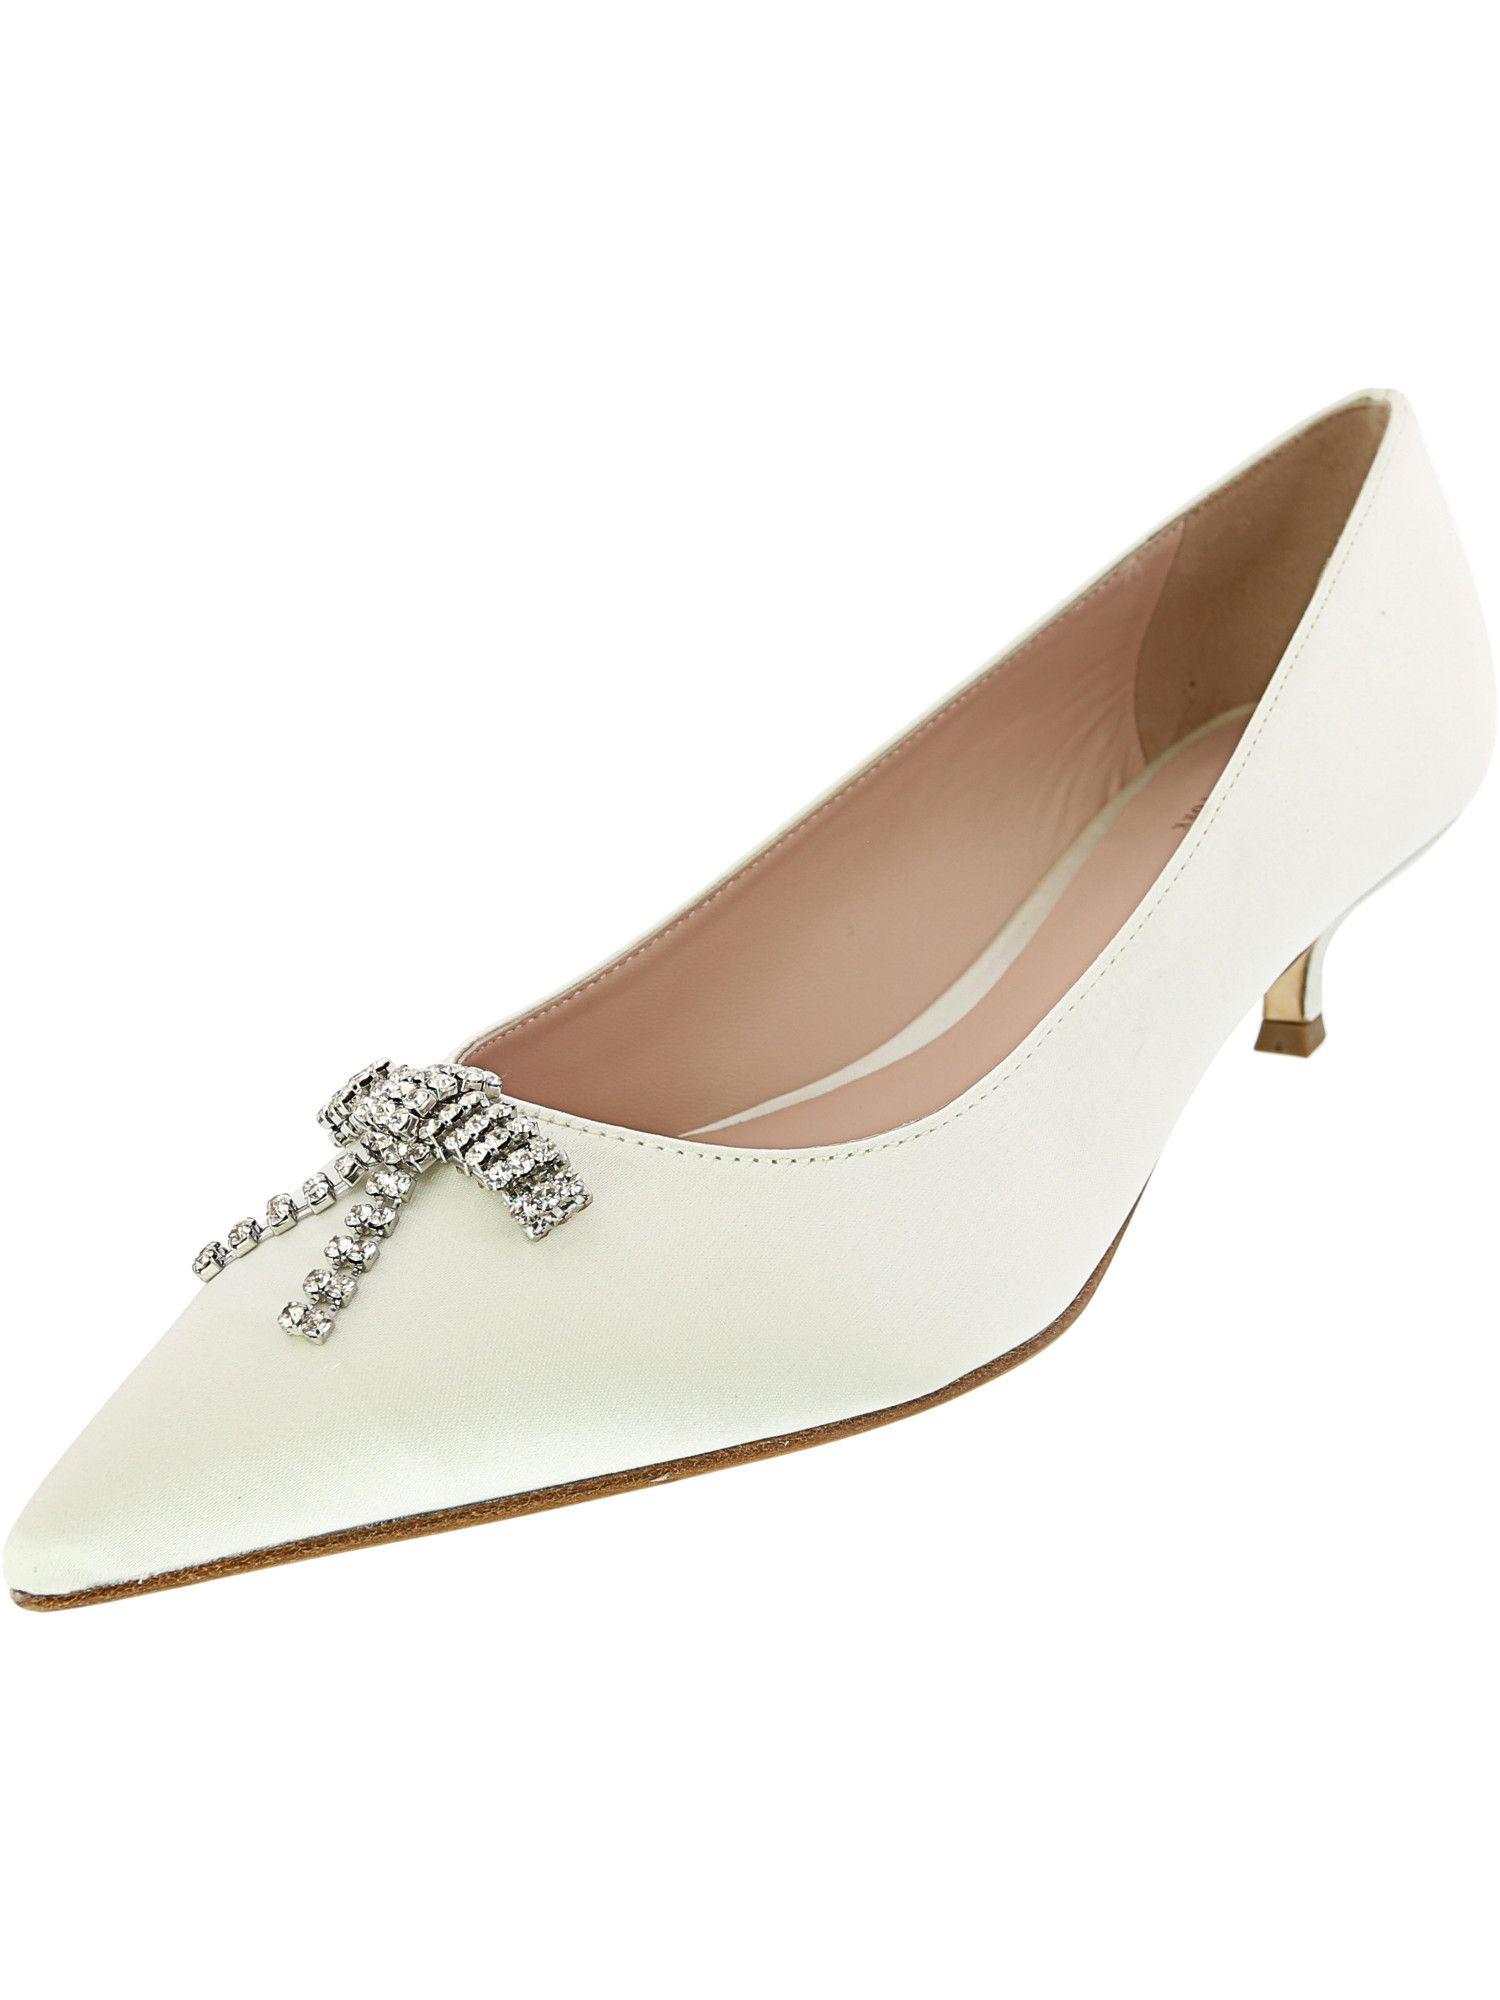 Kate Spade Women's Derbie Kitten Heels